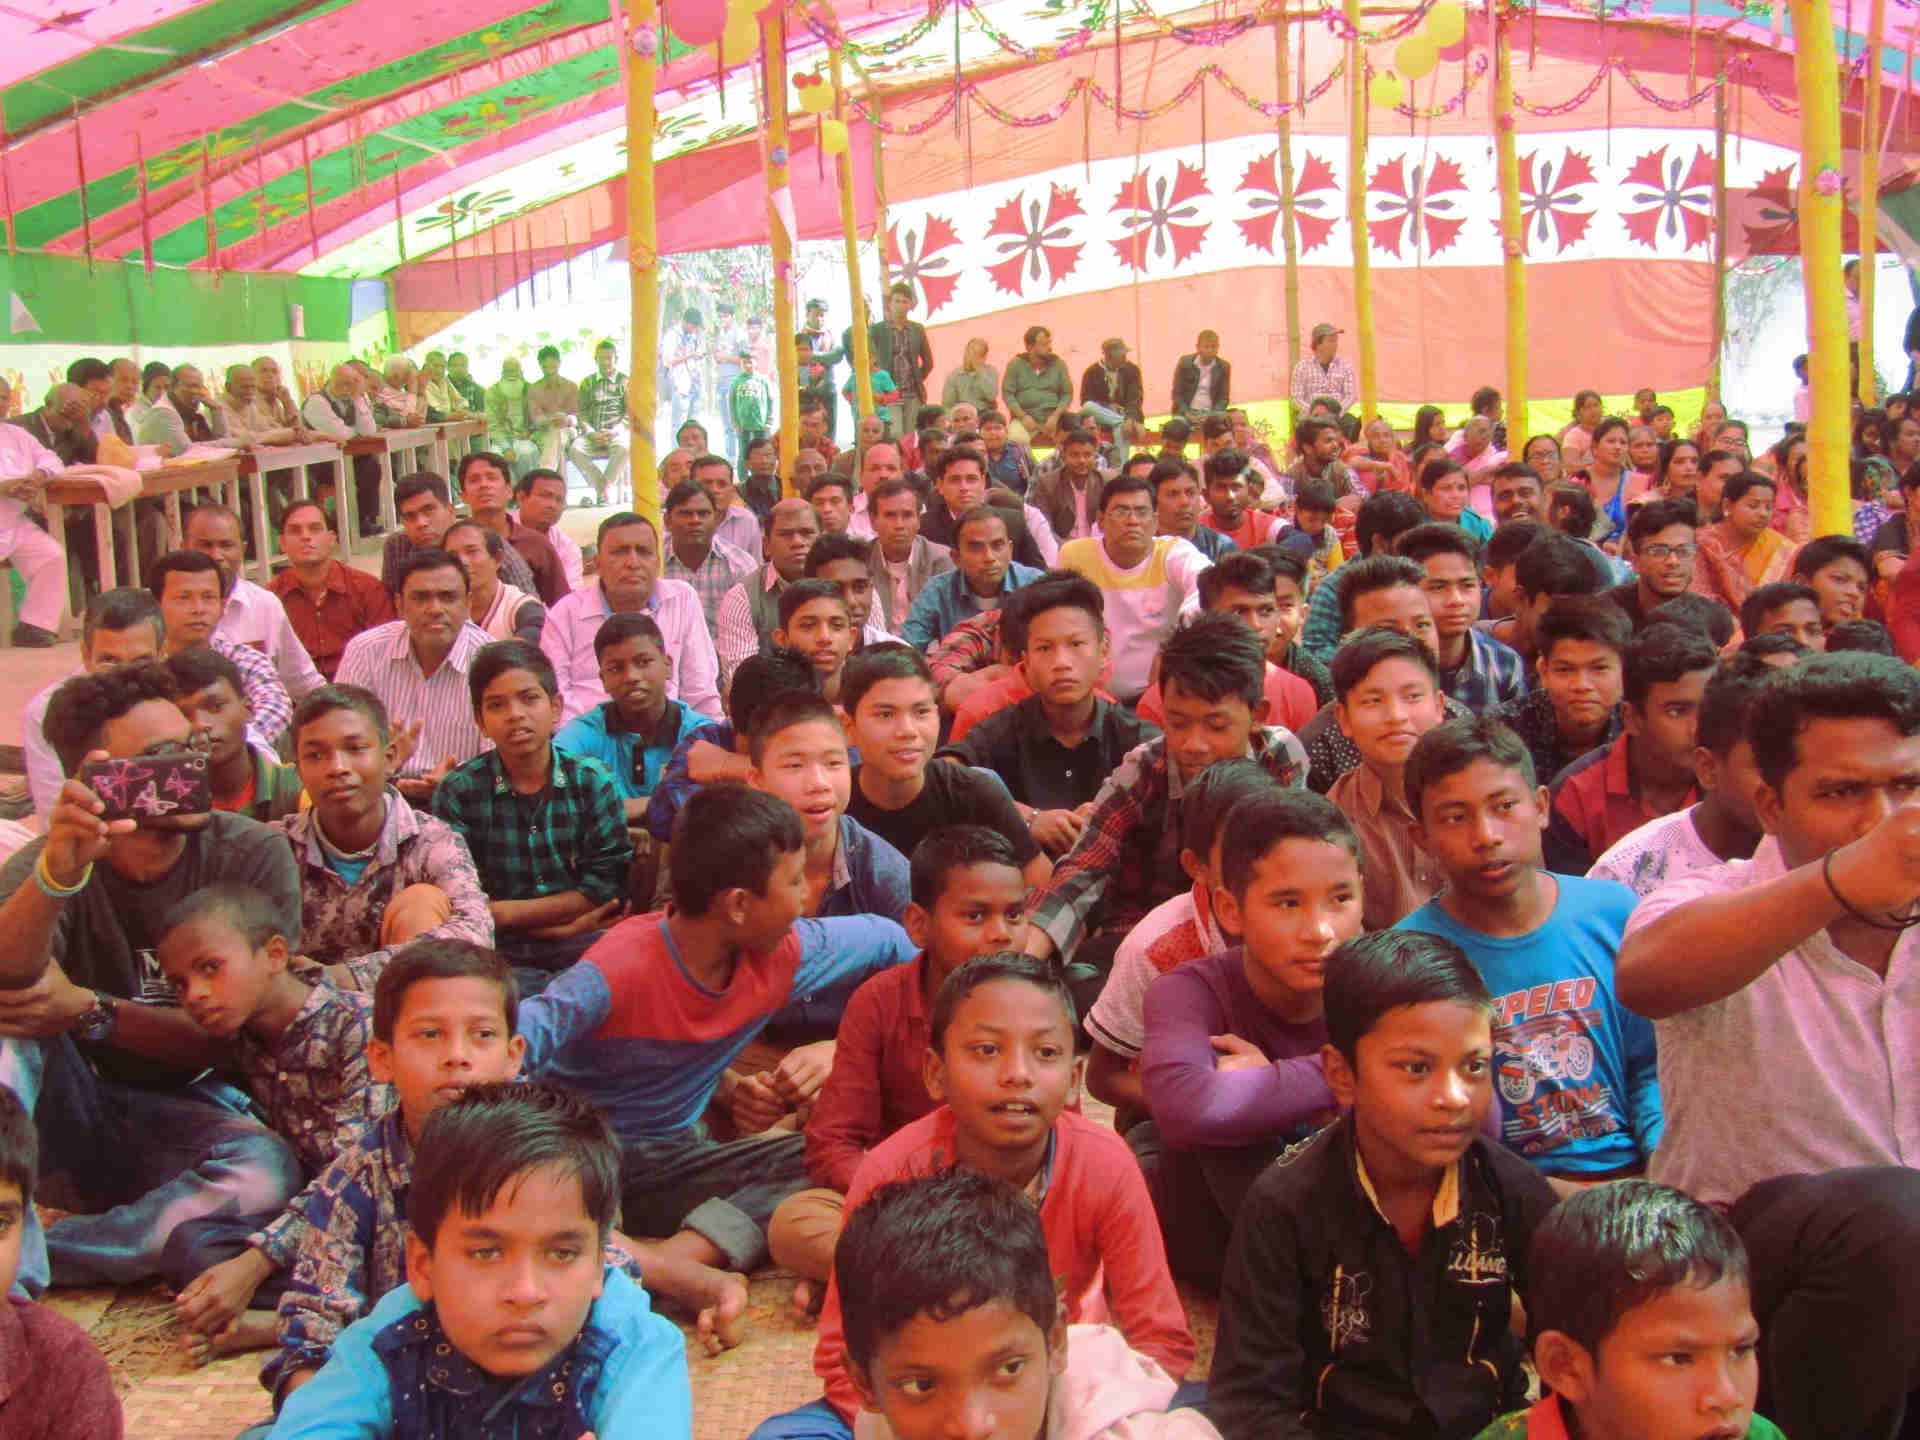 Při veřejné osvětové akci v Bangladéši se děje mnoho dobrého v životech posluchačů.